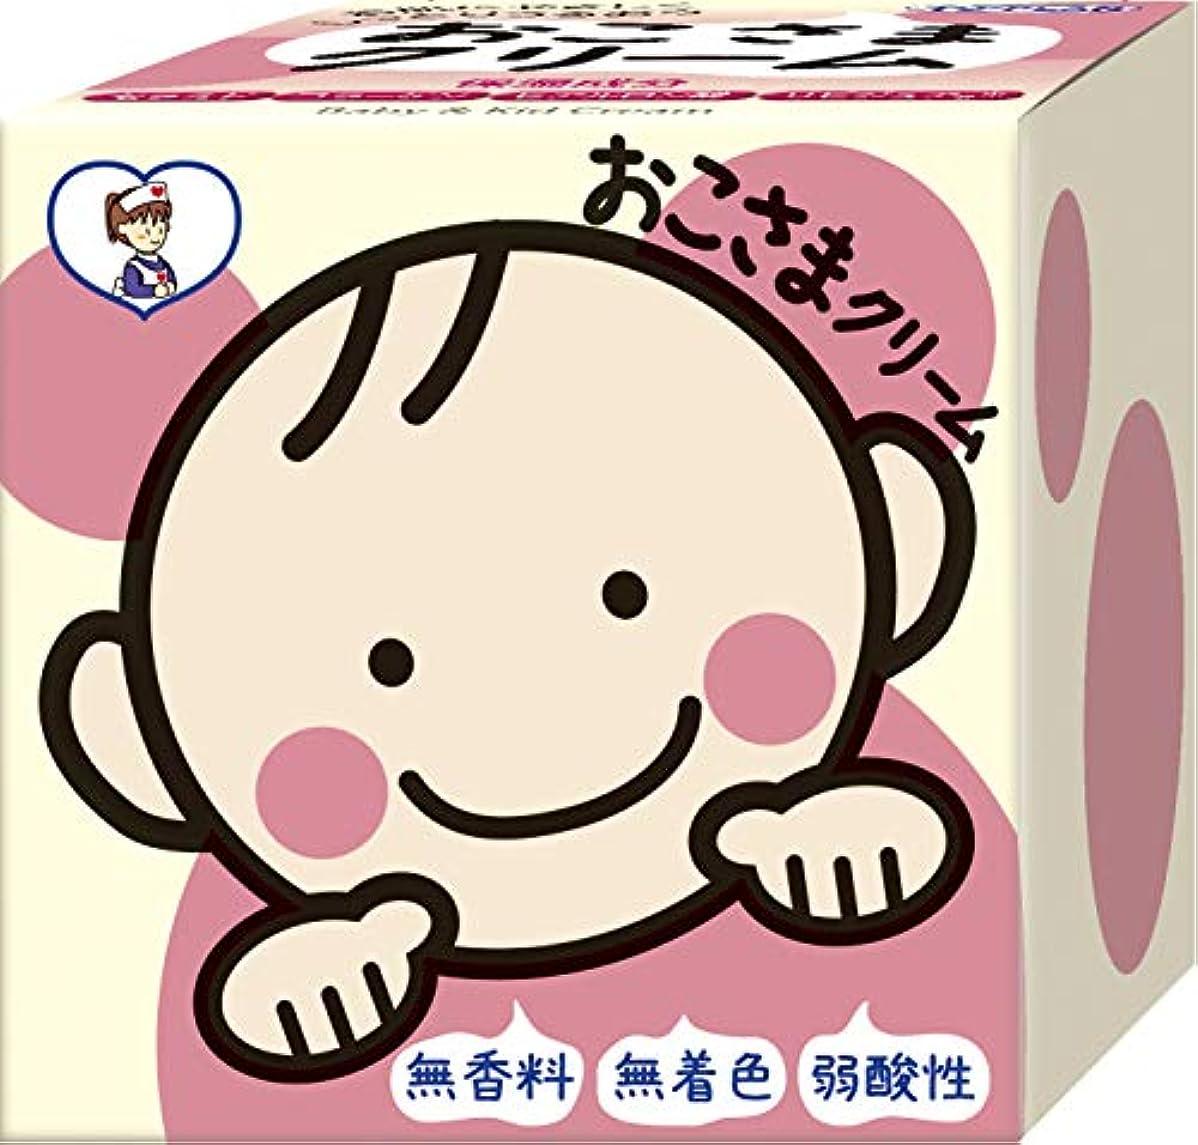 誰も飢え極めてTO-PLAN(トプラン) おこさまクリーム110g 無着色 無香料 低刺激クリーム